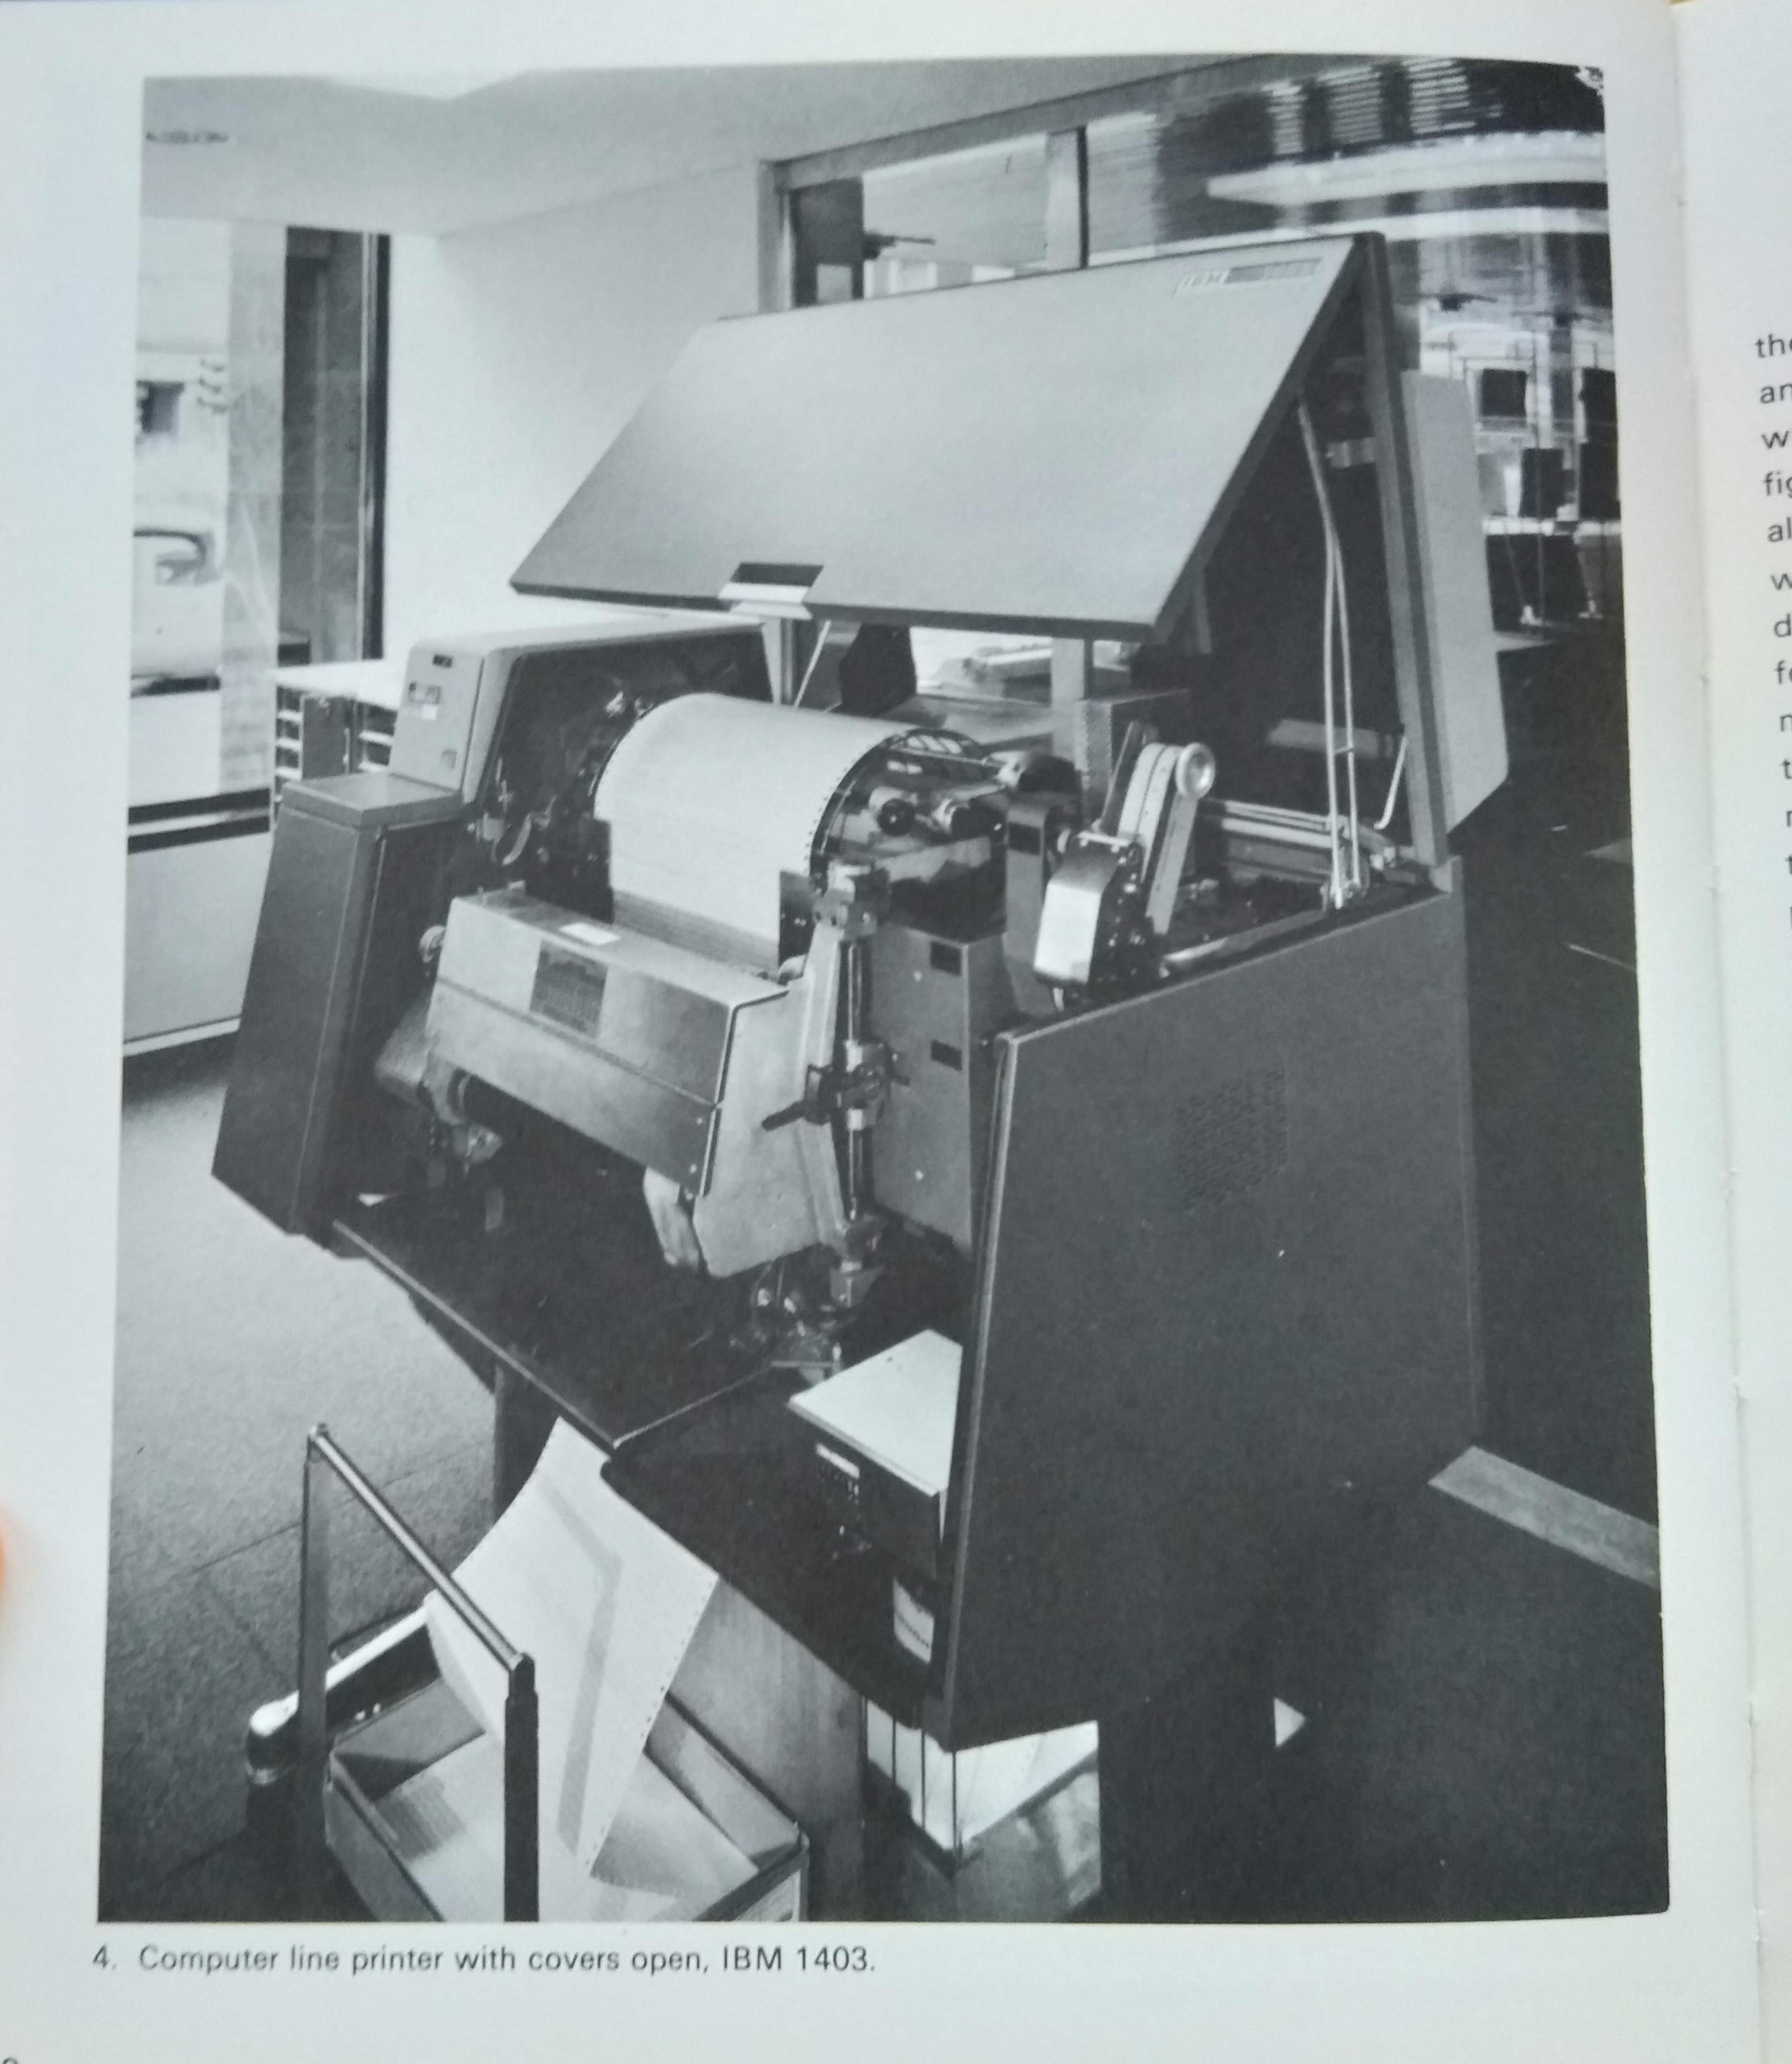 IBM 1403 line printer